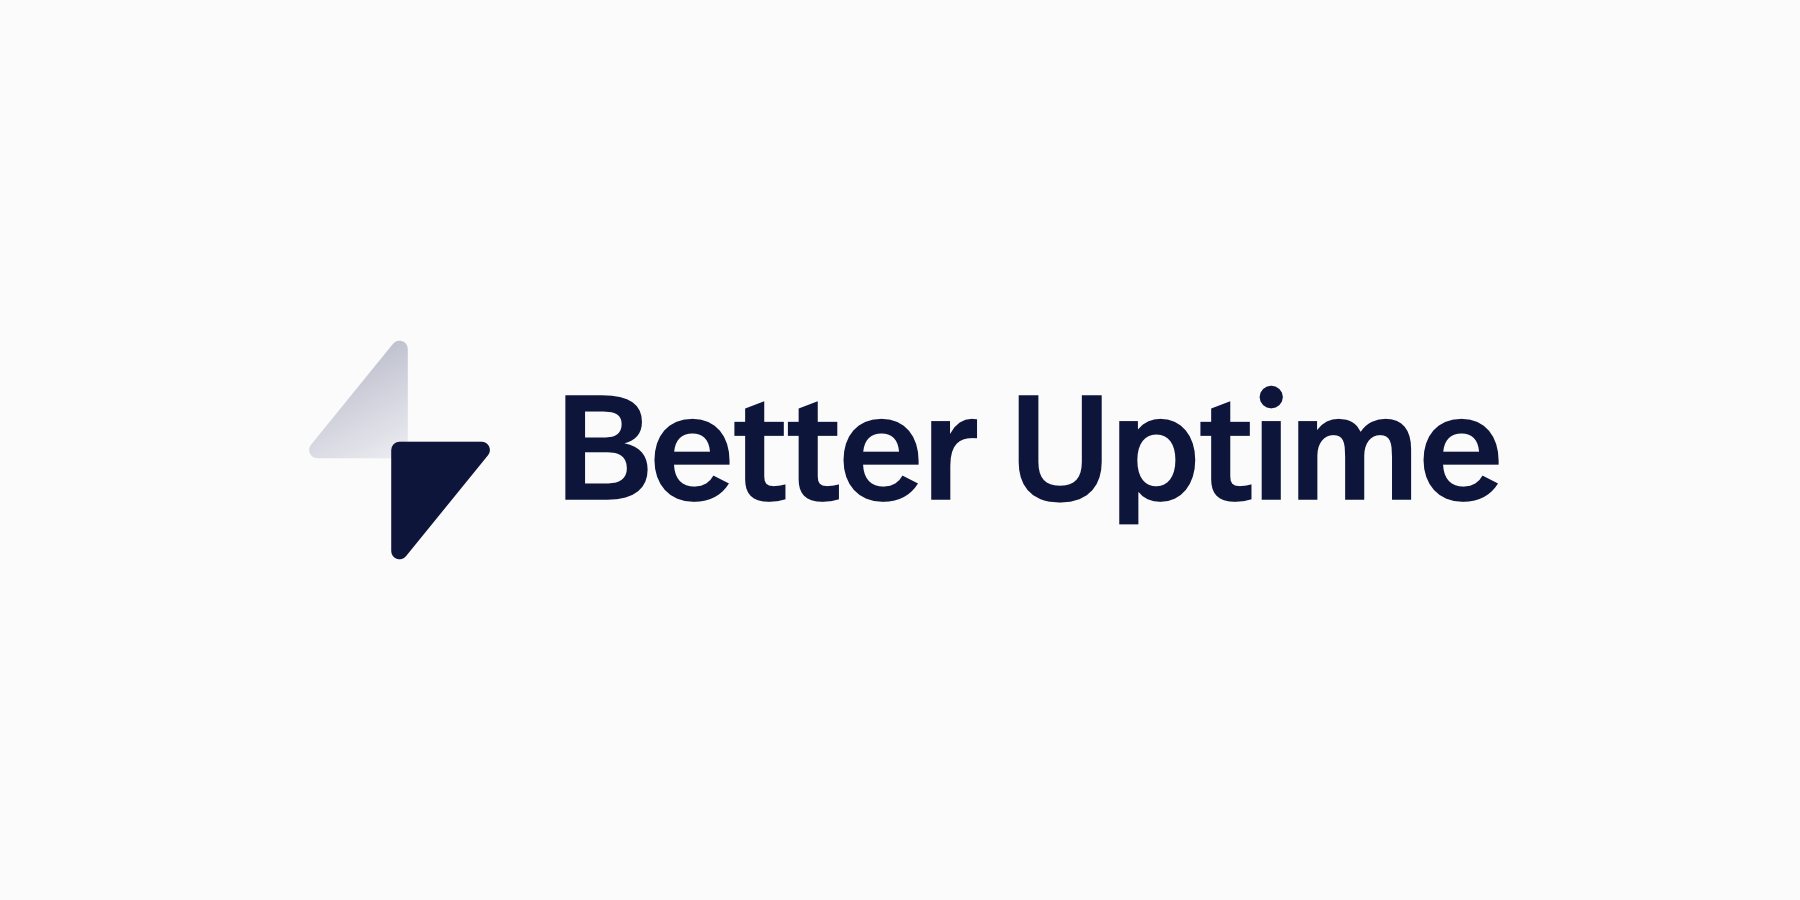 Better Uptime